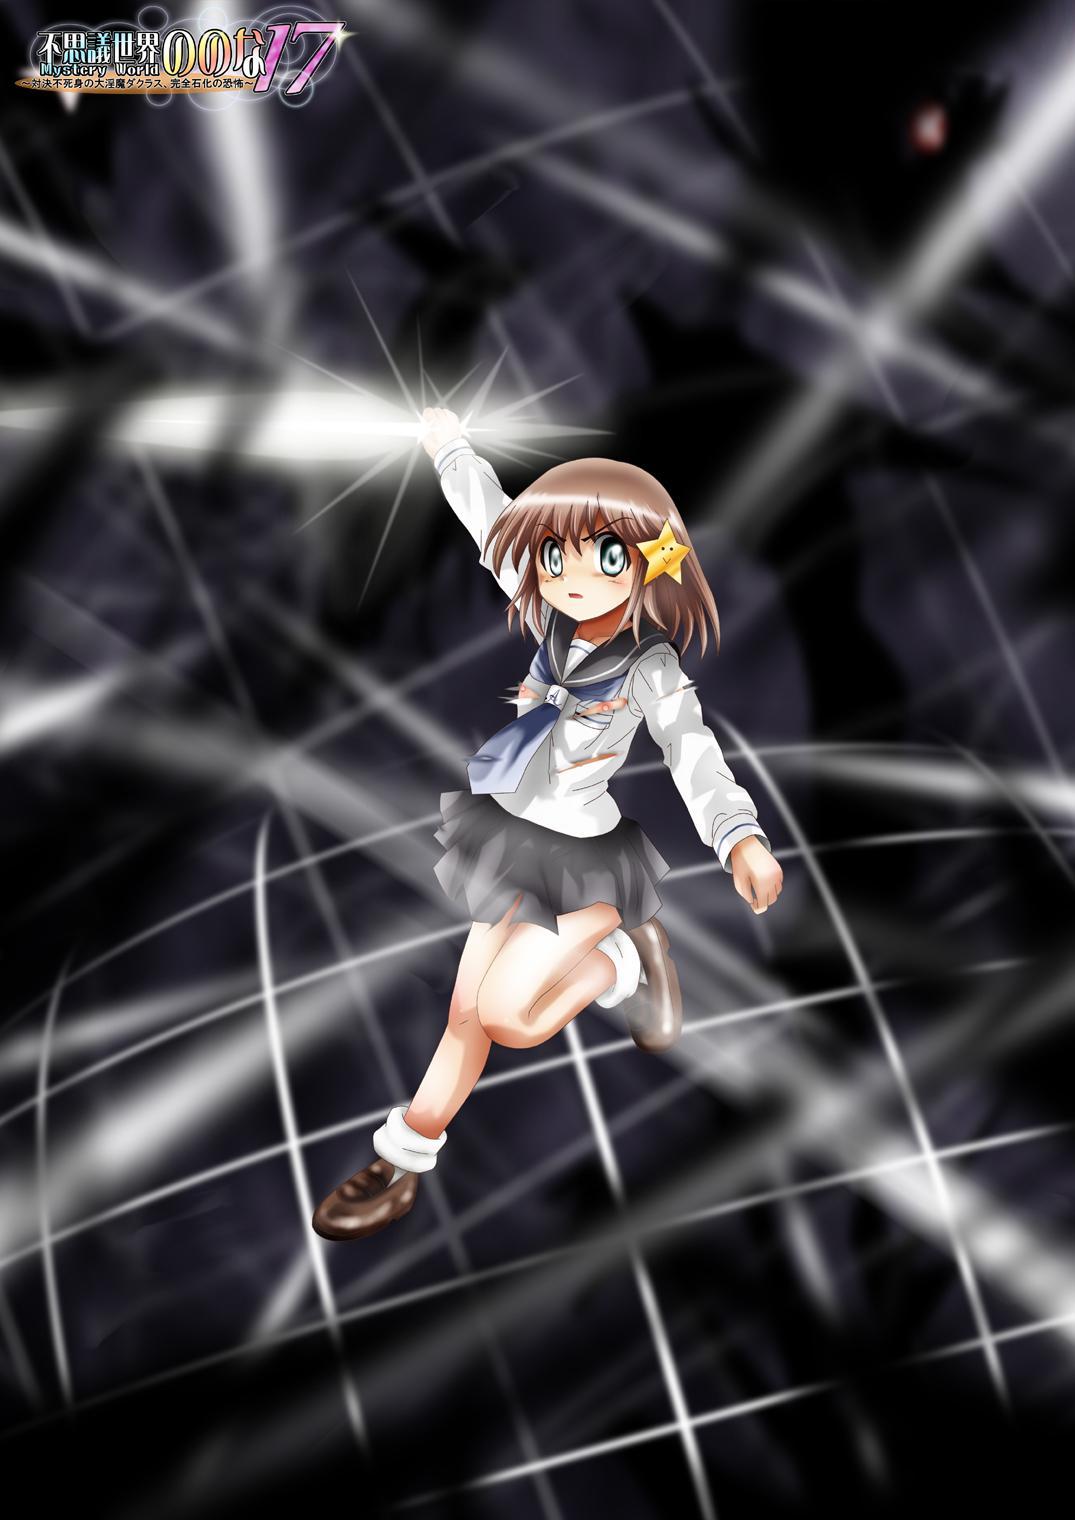 [Dende] Fushigi Sekai -Mystery World- no Nona 17 ~ Taiketsu Fujimi no Dai Inma Dakurasu, Kanzen Sekka no Kyoufu 3